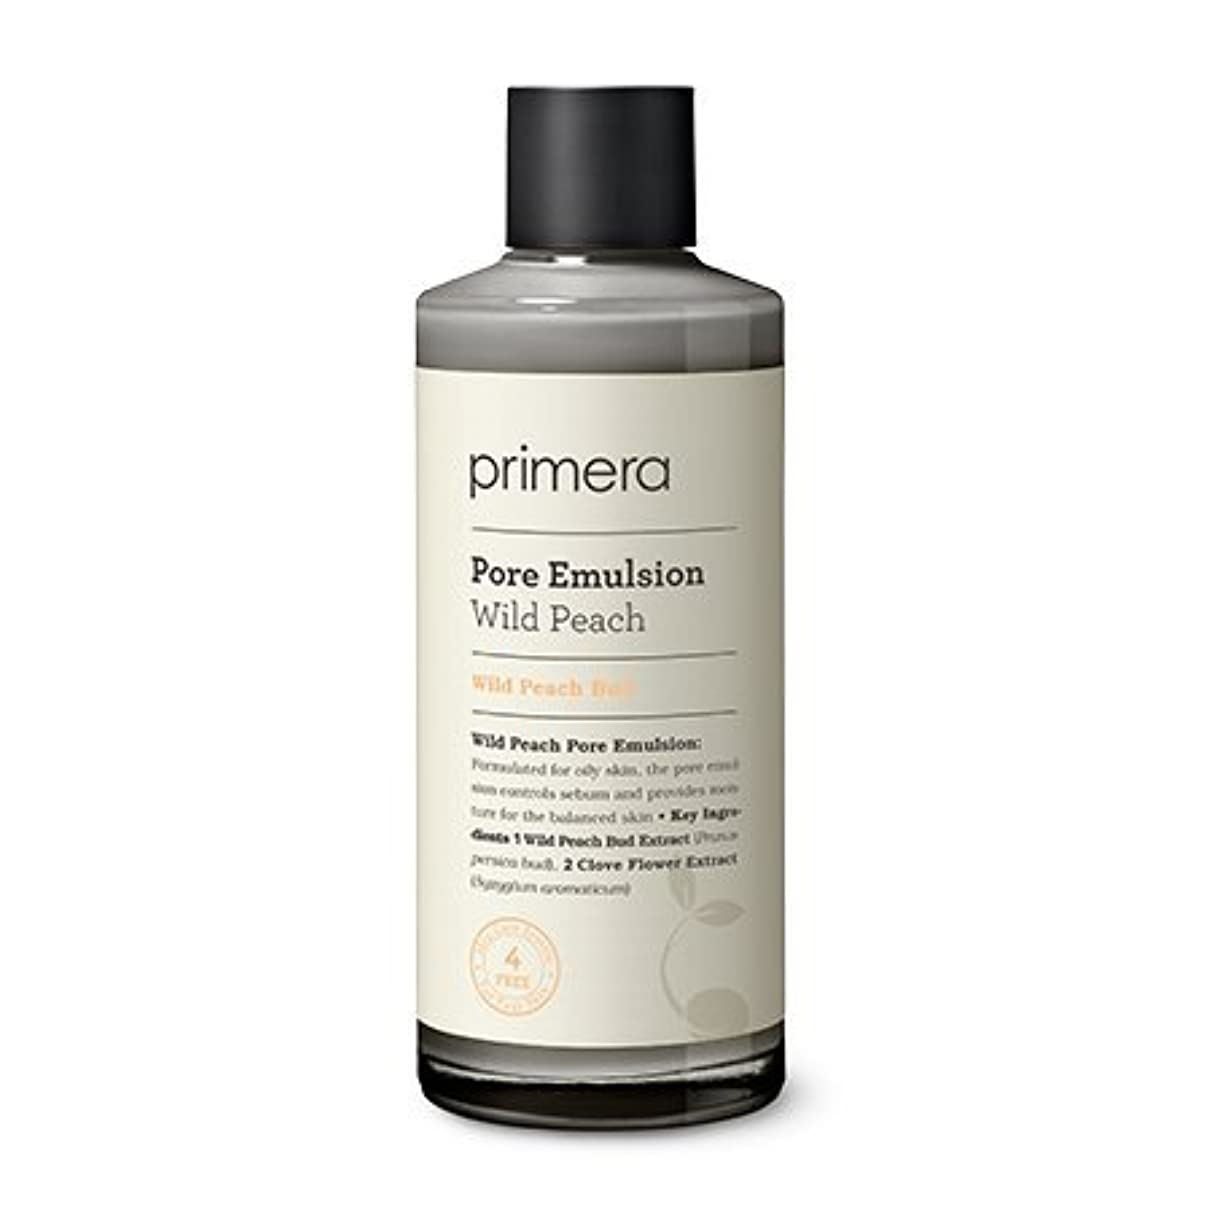 素晴らしい良い多くの宇宙飛行士バズ【Primera】Wild Peach Pore Emulsion - 150ml (韓国直送品) (SHOPPINGINSTAGRAM)